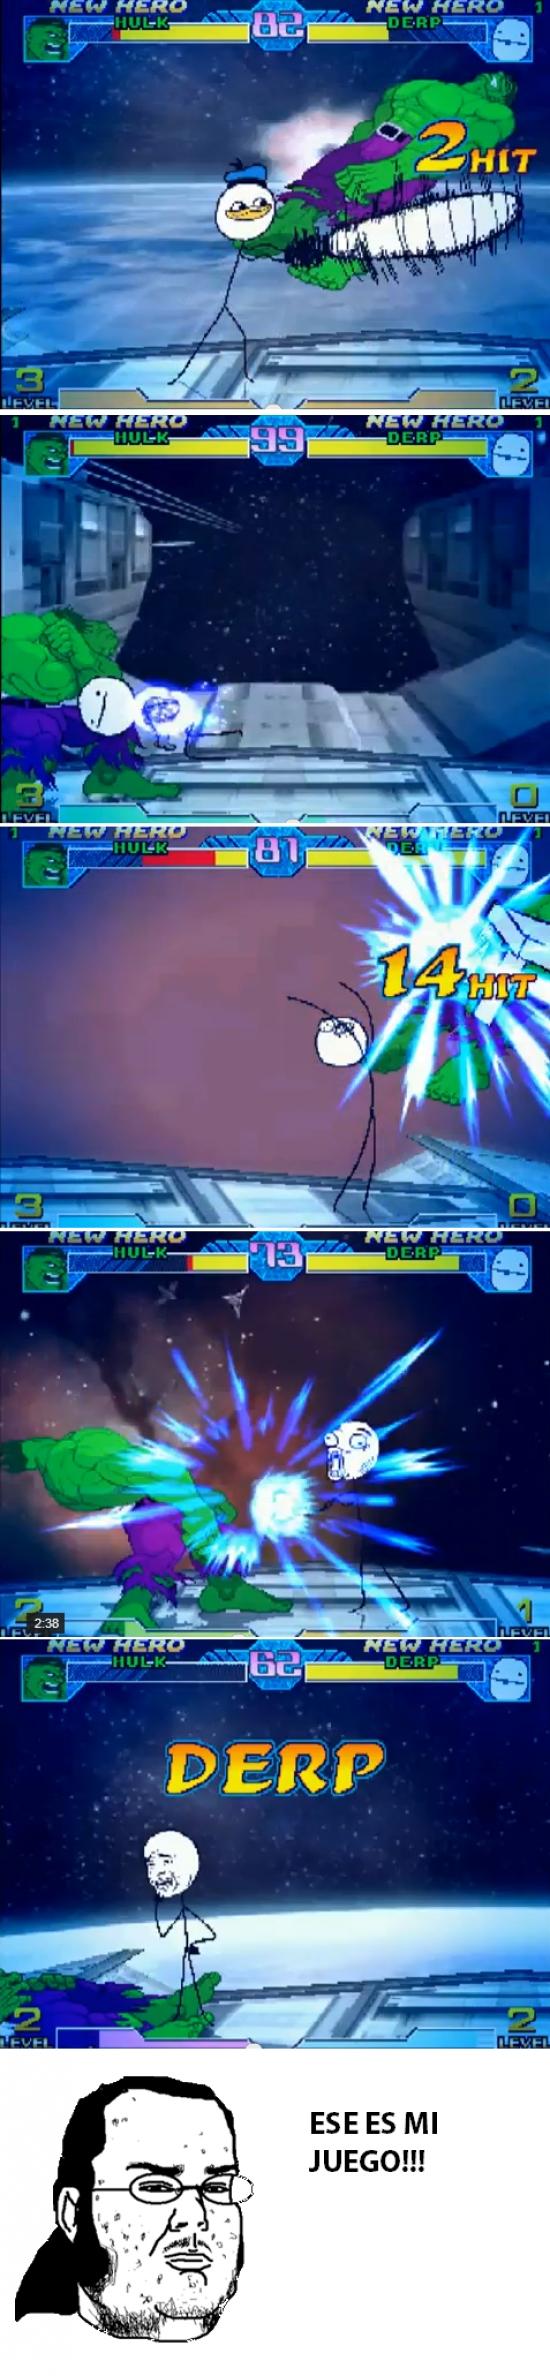 Friki - Los memes llevados a un videojuego de lucha, épico